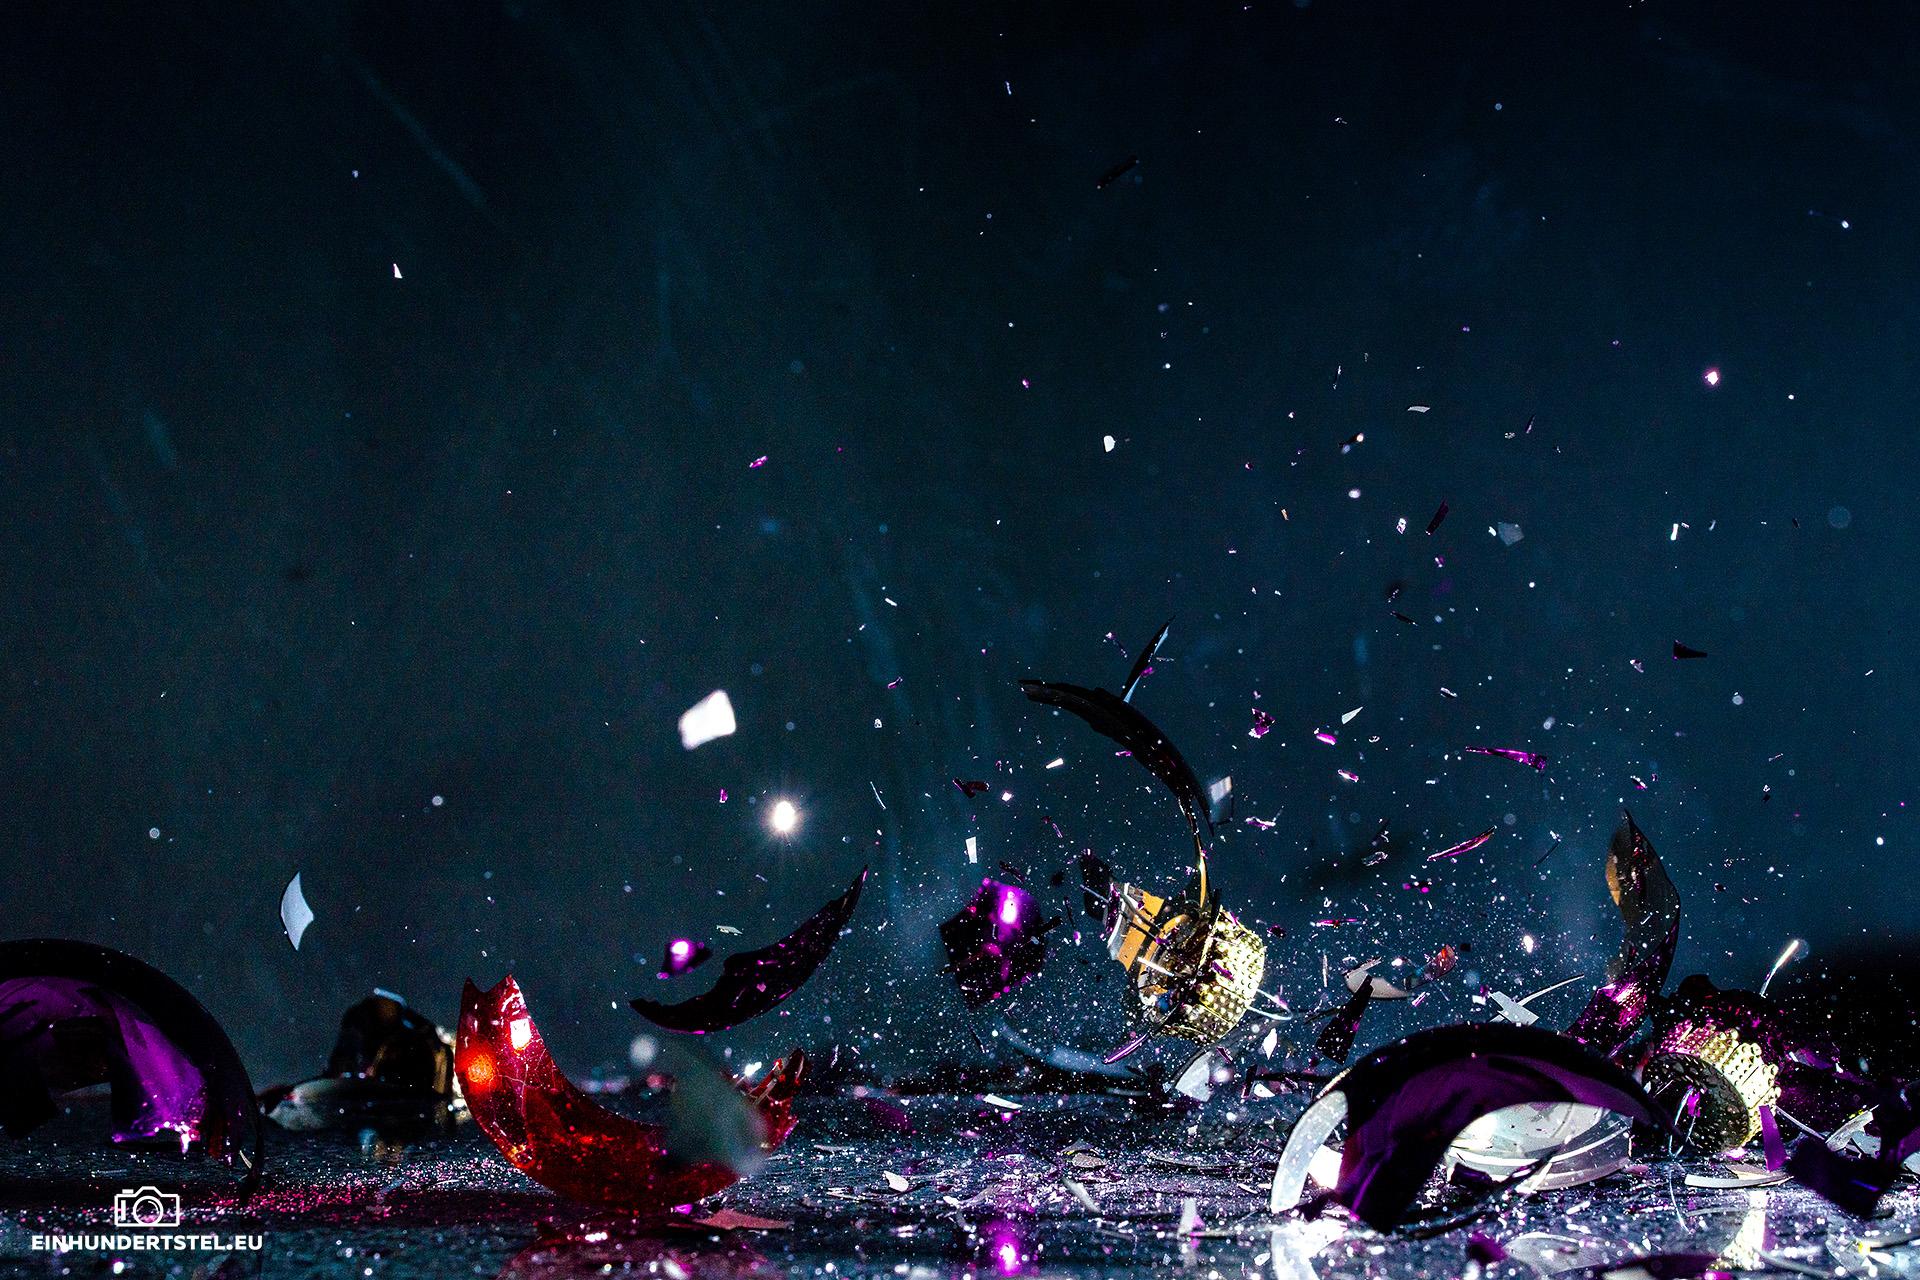 Mit Pulver gefüllte Weihnachtskugeln zerplatzen auf dem Boden. Splitter fliegen durch die Luft.